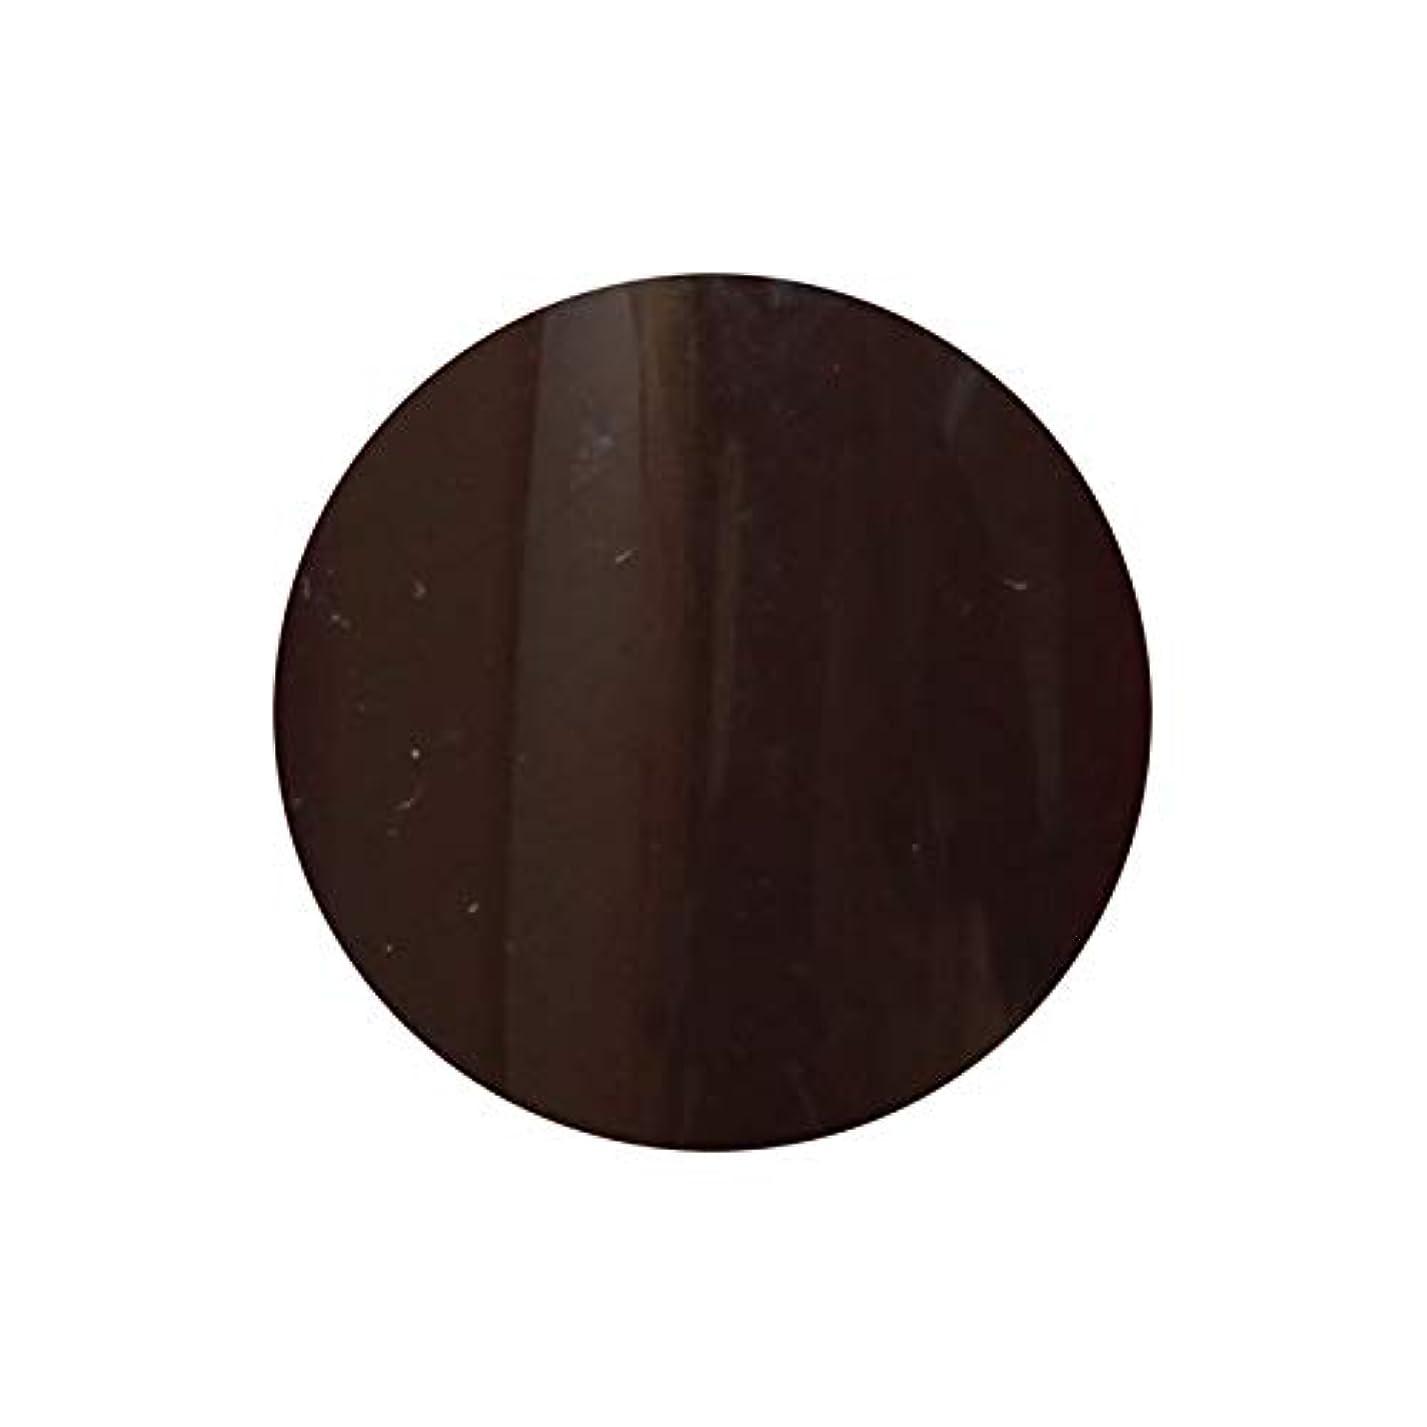 発生半島偶然の【NEW】T-GEL COLLECTION カラージェル D222 ディープブラウン 4ml